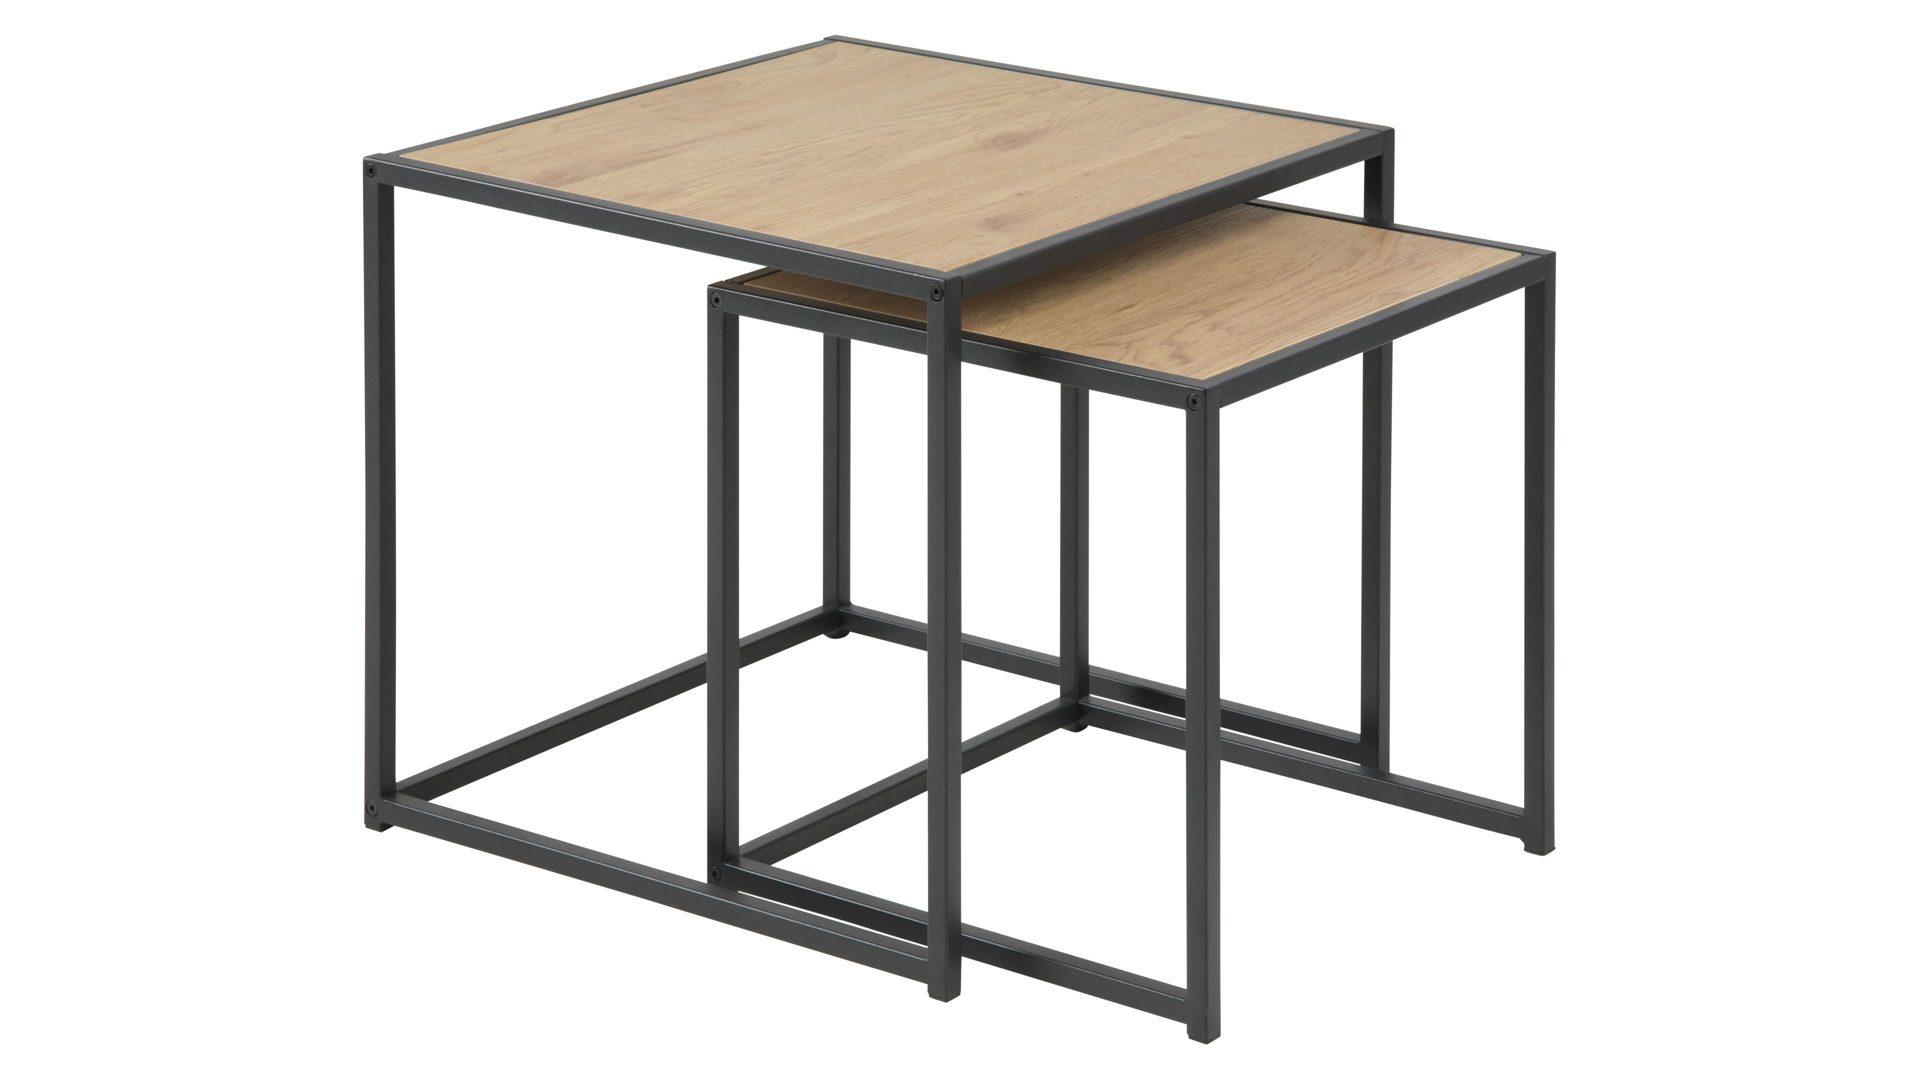 Hoffmann Möbel Guben, 2-Satz-Tisch, 2-Satz-Tisch im ...